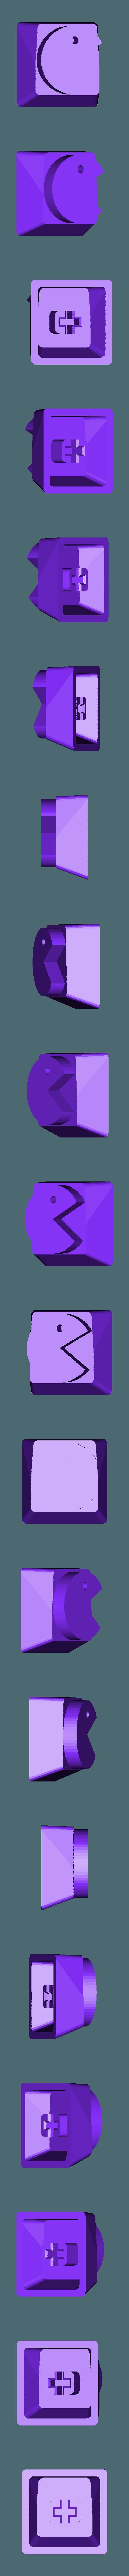 Pac-Man_-_Mr.Pac-Man.stl Télécharger fichier STL gratuit Pac-Man Cherry MX Keycaps • Objet à imprimer en 3D, FedorSosnin